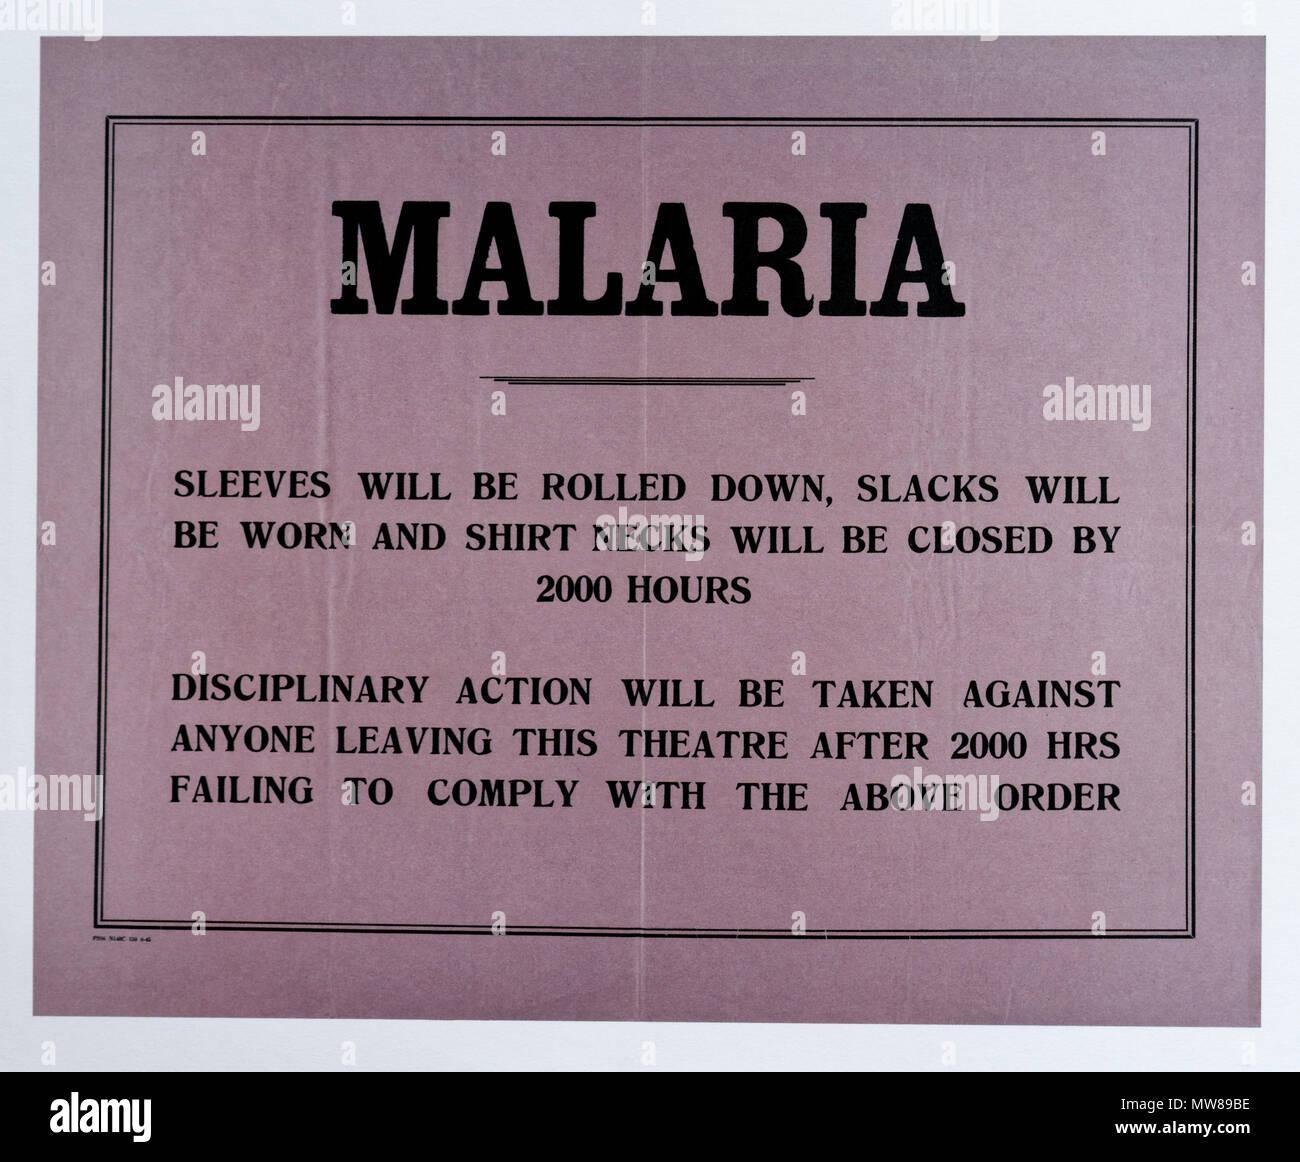 Une seconde guerre mondiale affiche contenant des conseils sur la façon de réduire le risque de paludisme, et menaçant la discipline à ceux qui ne suivent pas les conseils Photo Stock